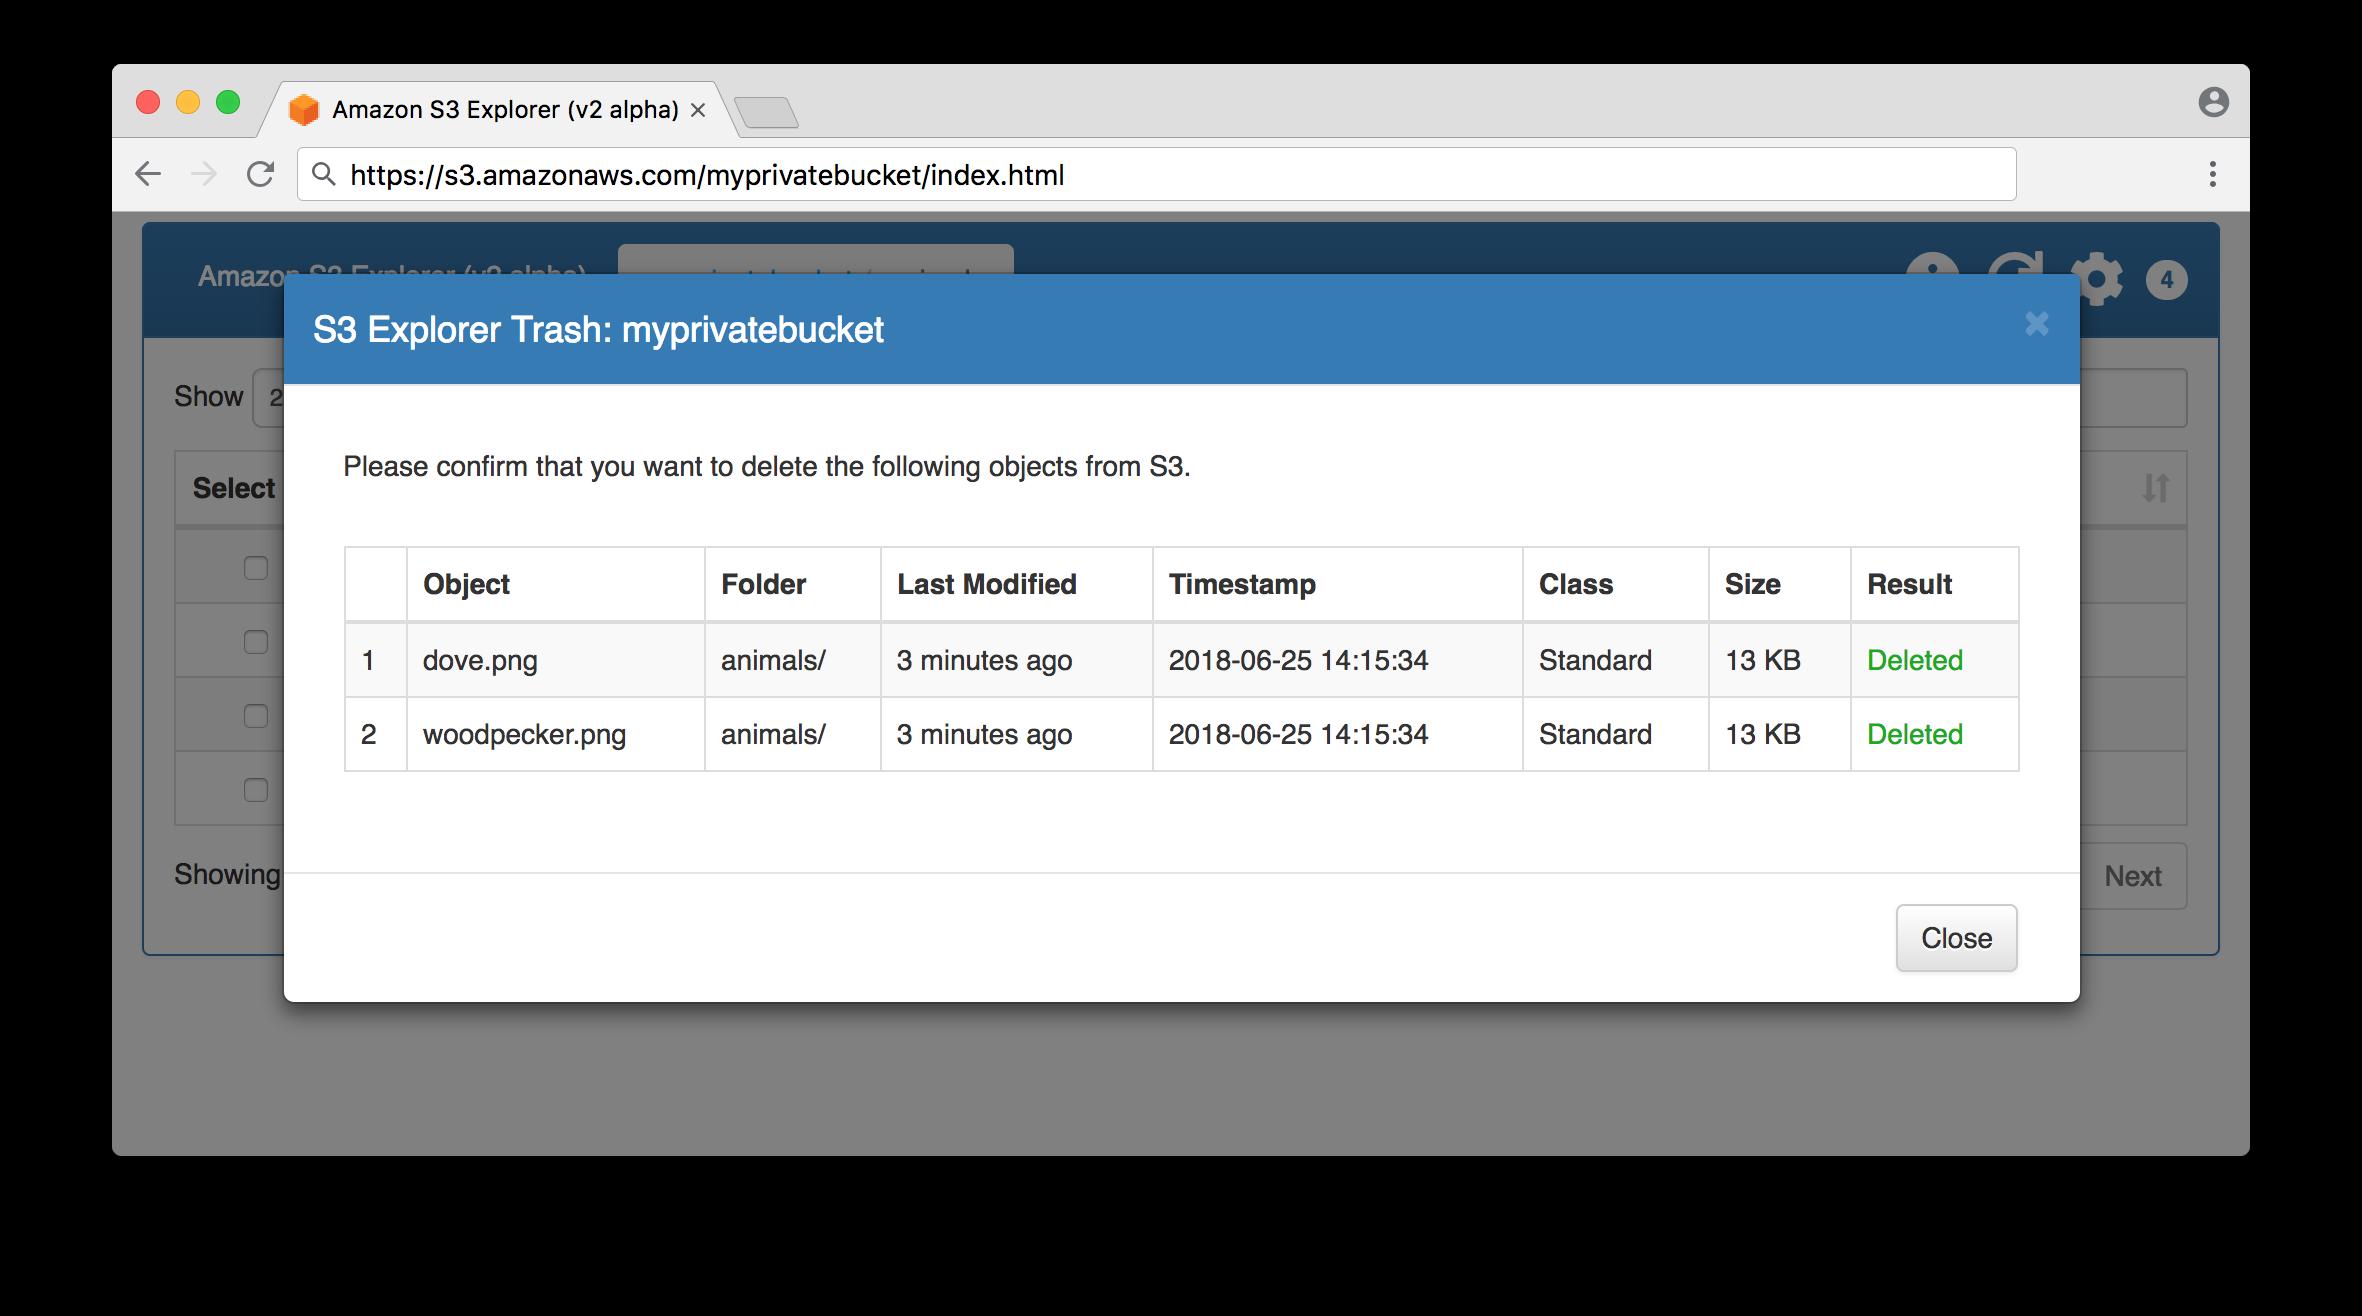 Bucket object delete confirmation screen